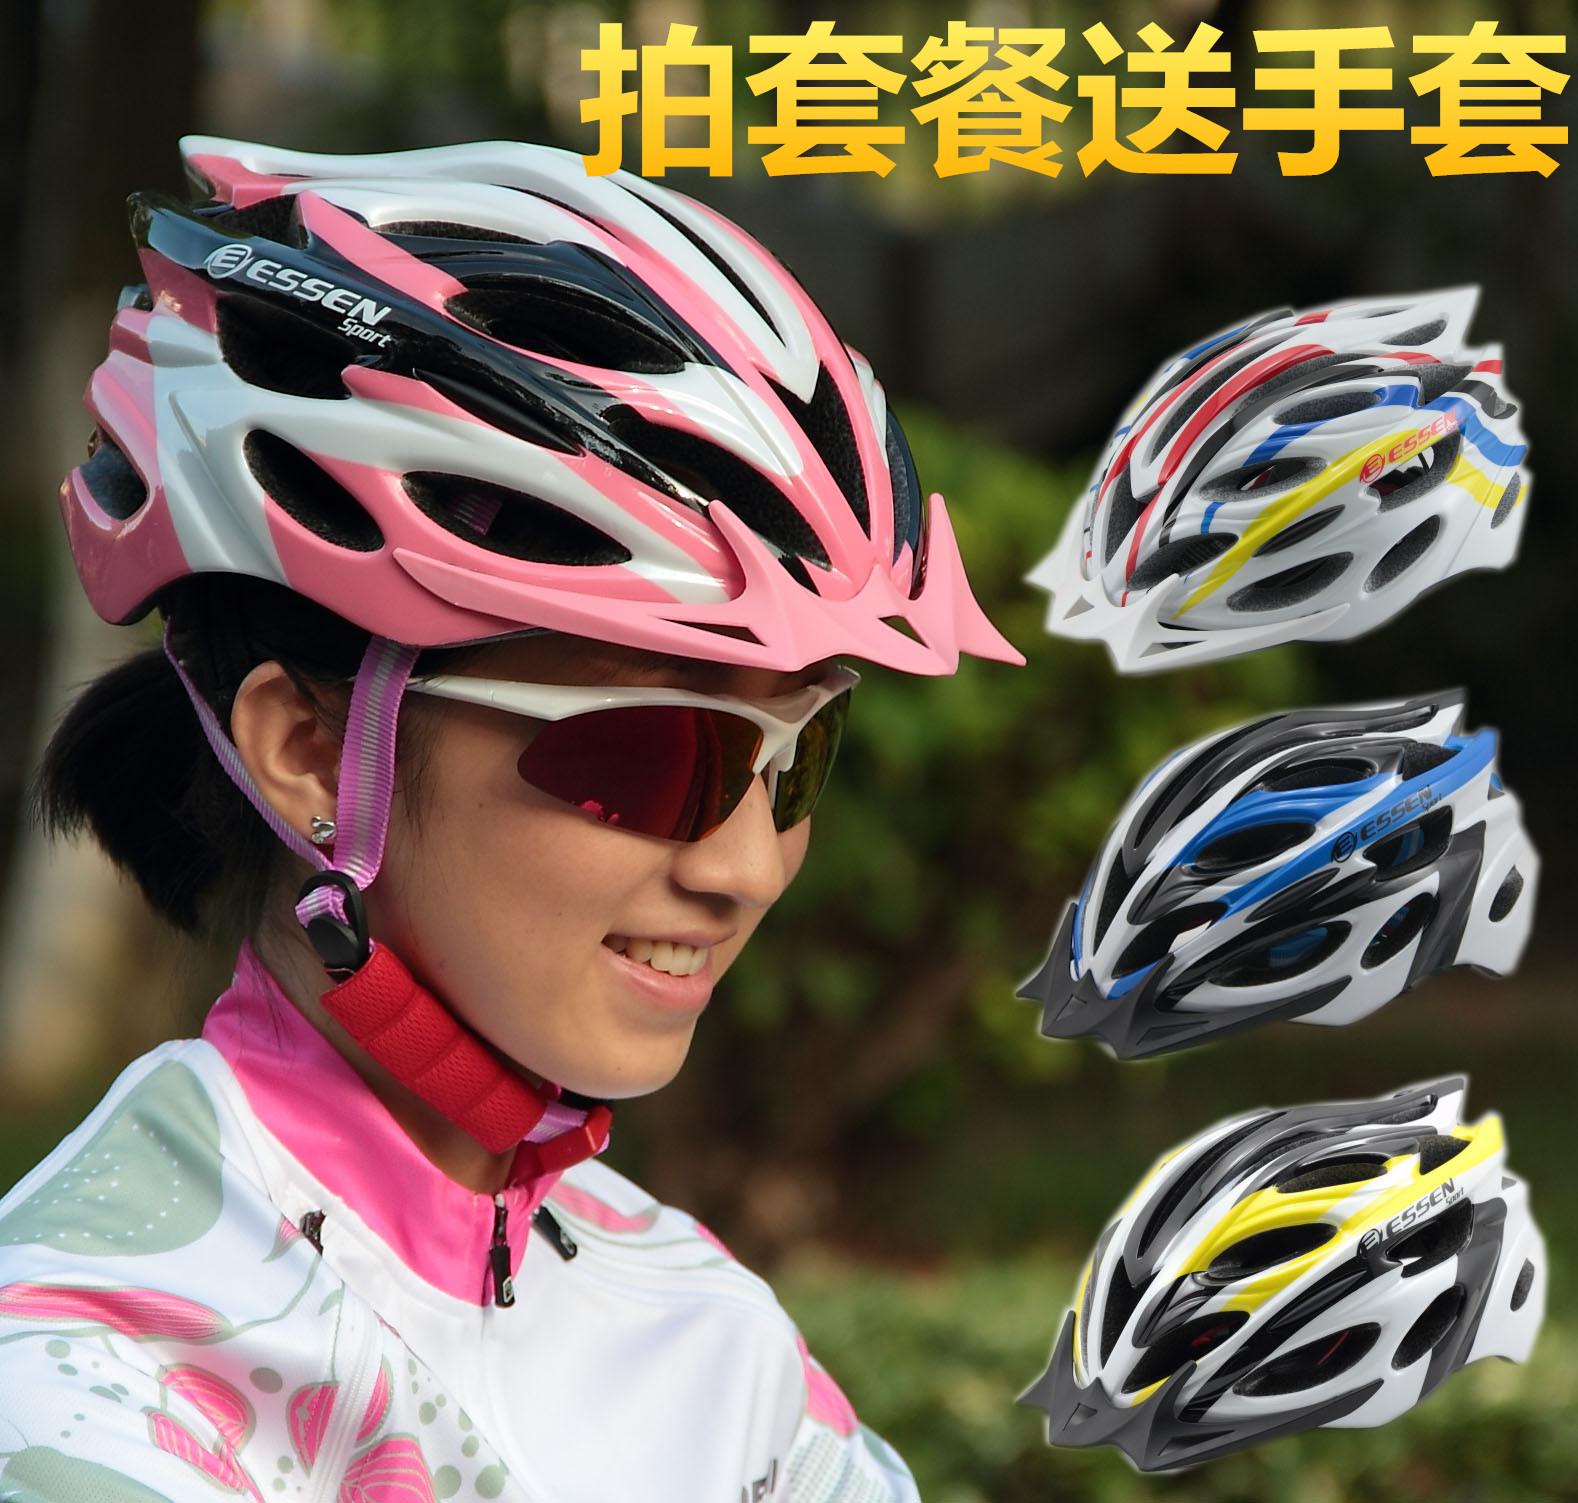 自転車の 自転車 赤ちゃん ヘルメット : 小さい子供の自転車ヘルメット ...